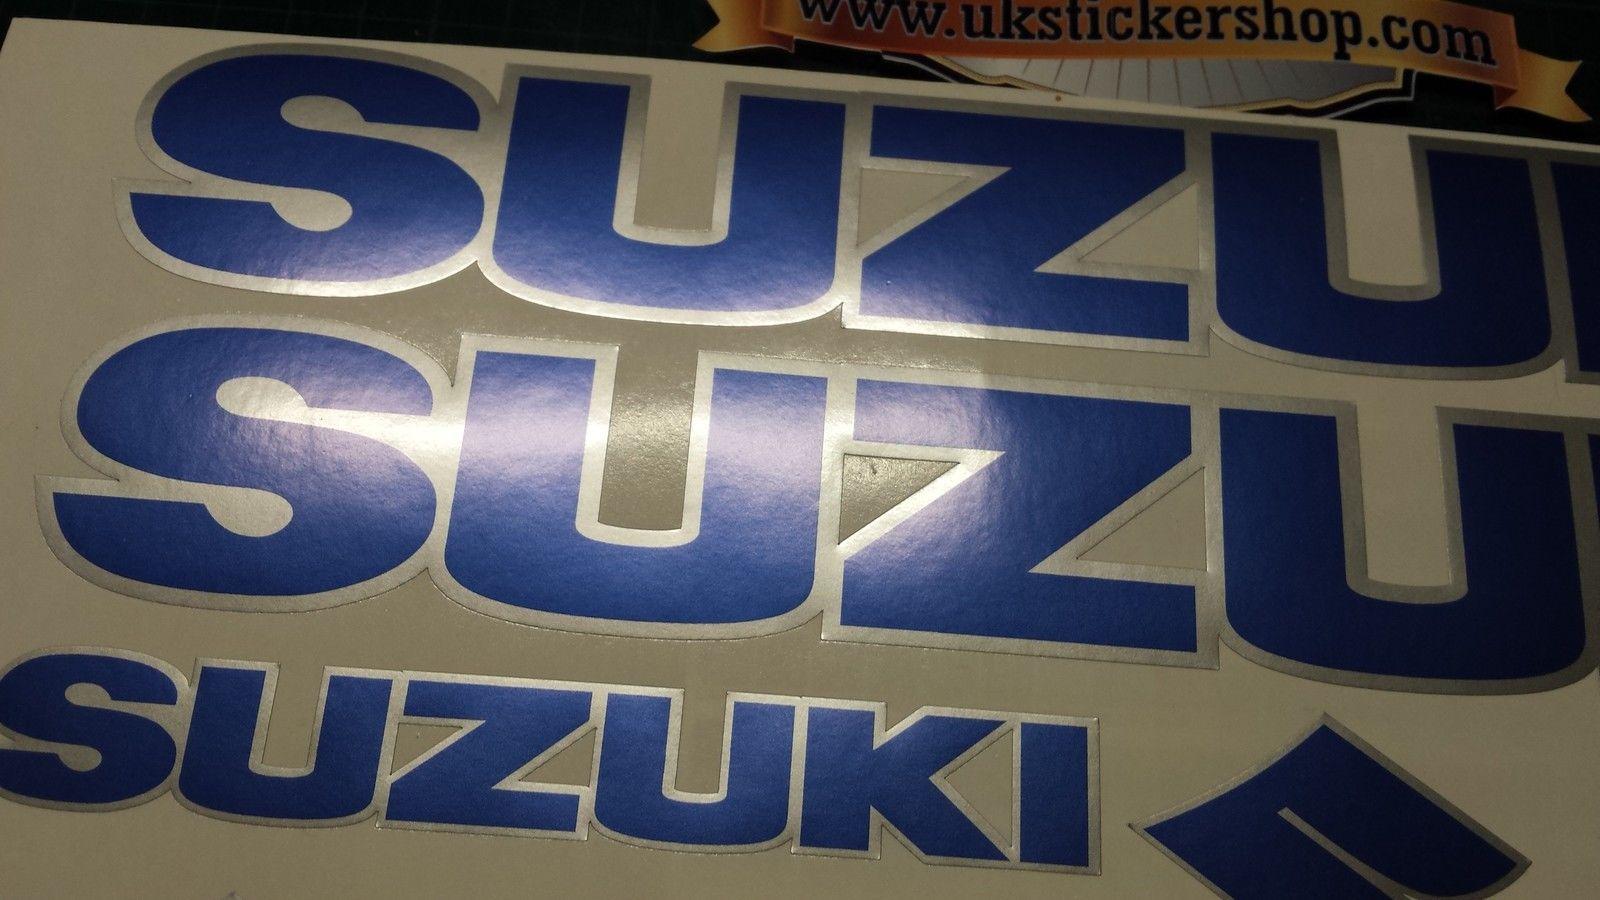 Stickers v strom - Suzuki Decals Stickers Blue Amp Silver Gsx Vstrom Bandit Gsf